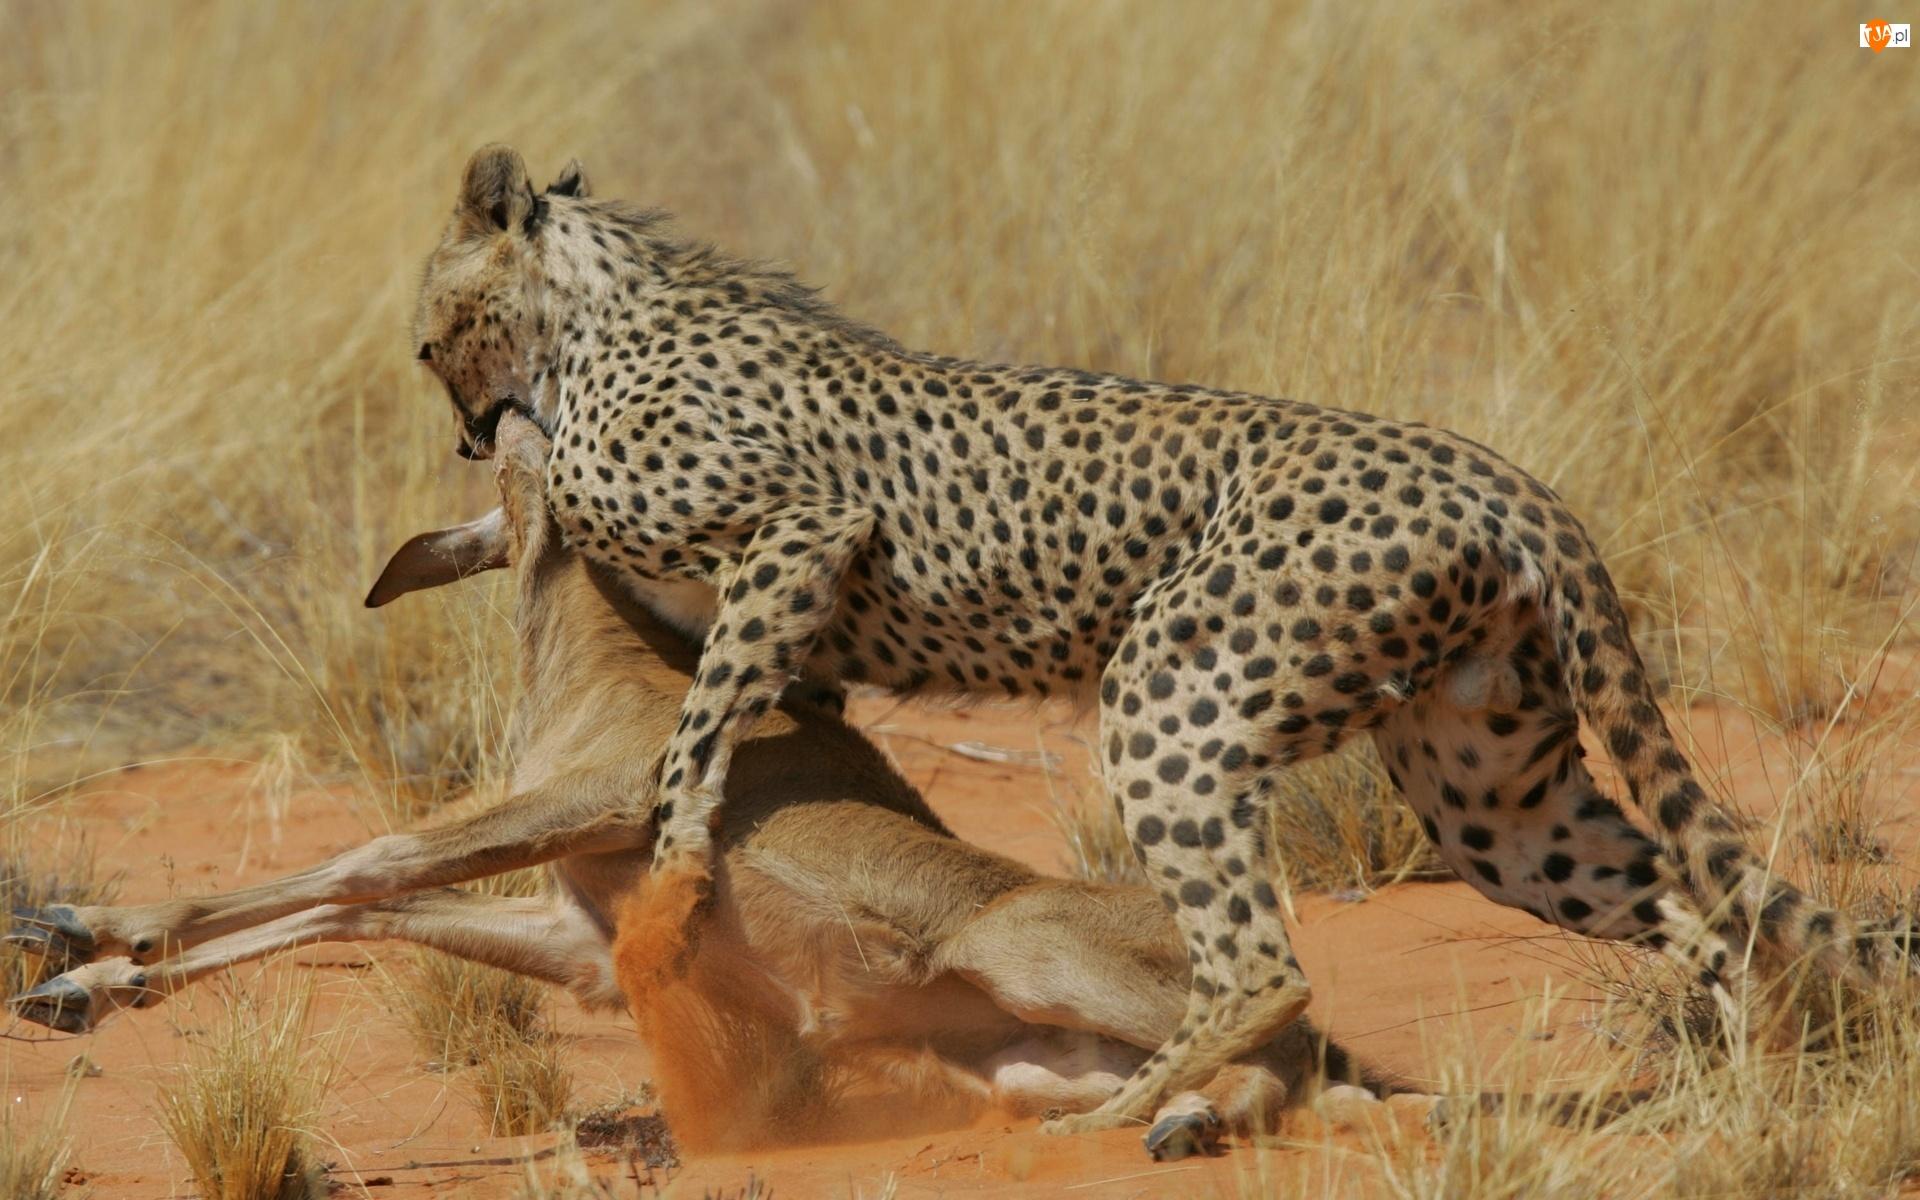 Atakujący, Polowanie, Gepard, Antylopa